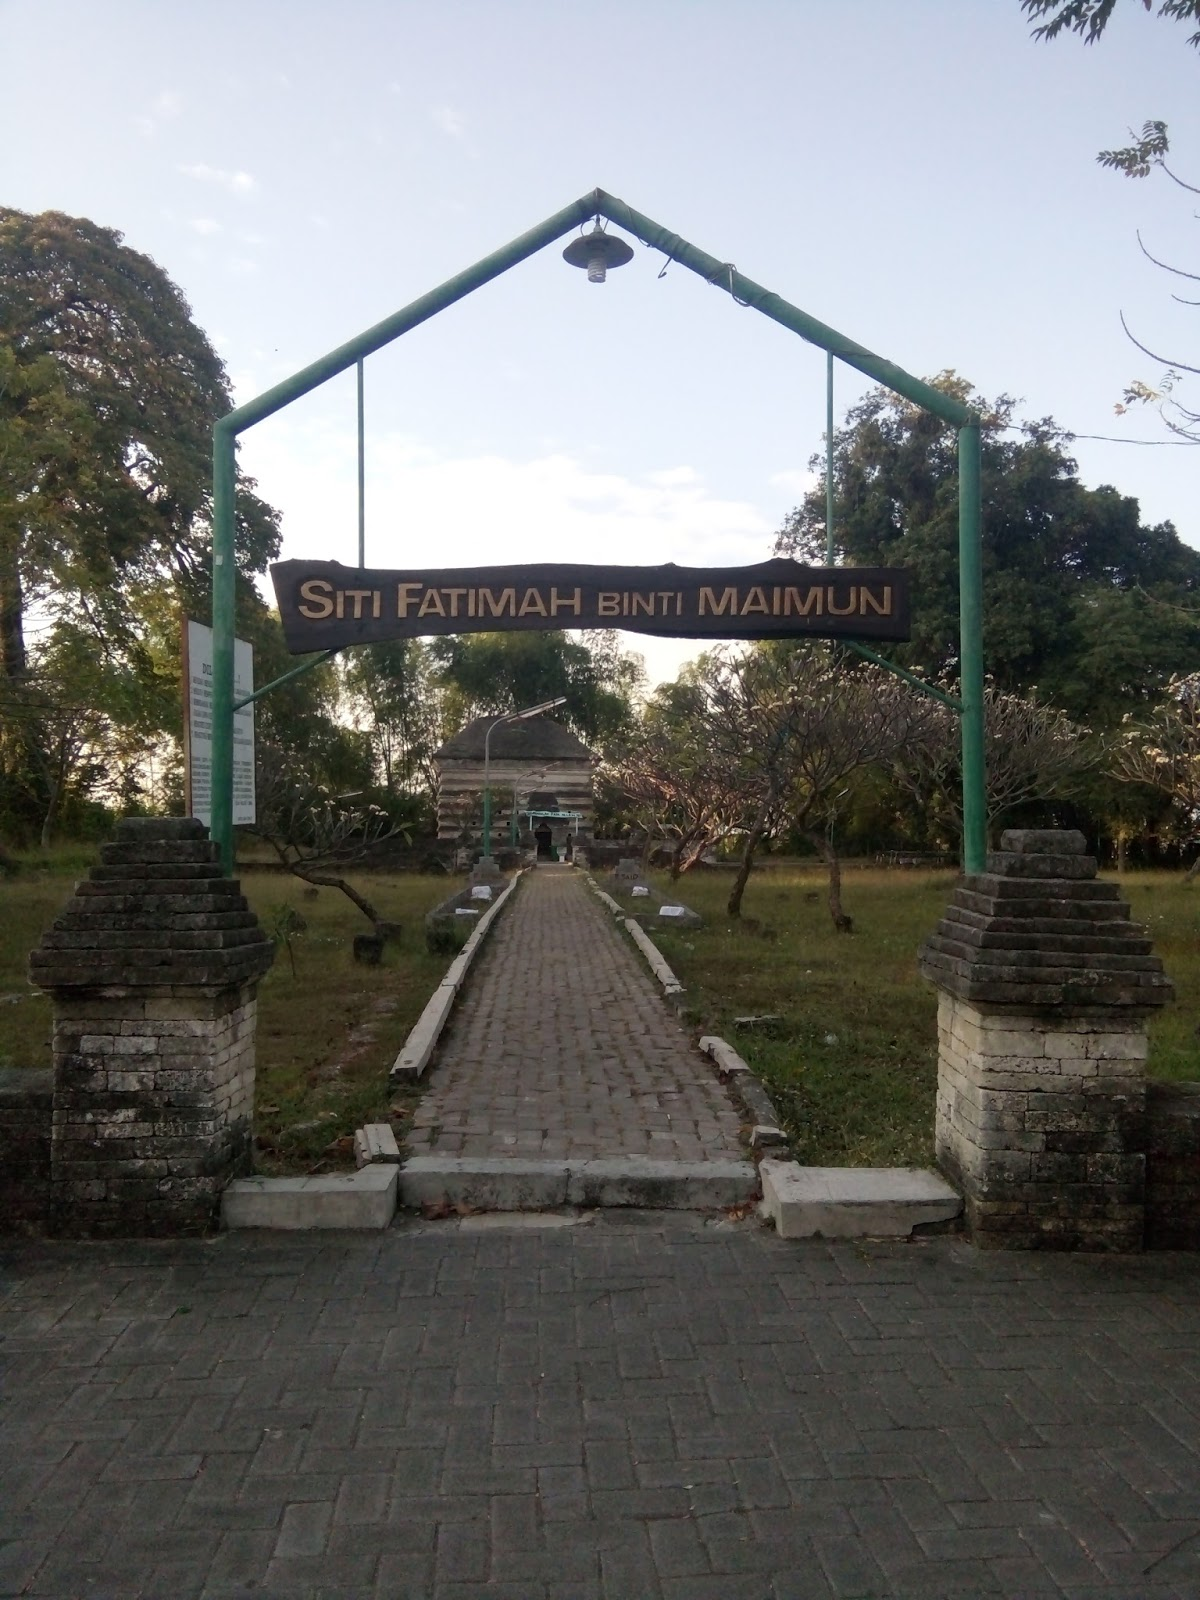 Siti Fatimah Binti Maimun Wisata Makam Panjang Berada Desa Leran